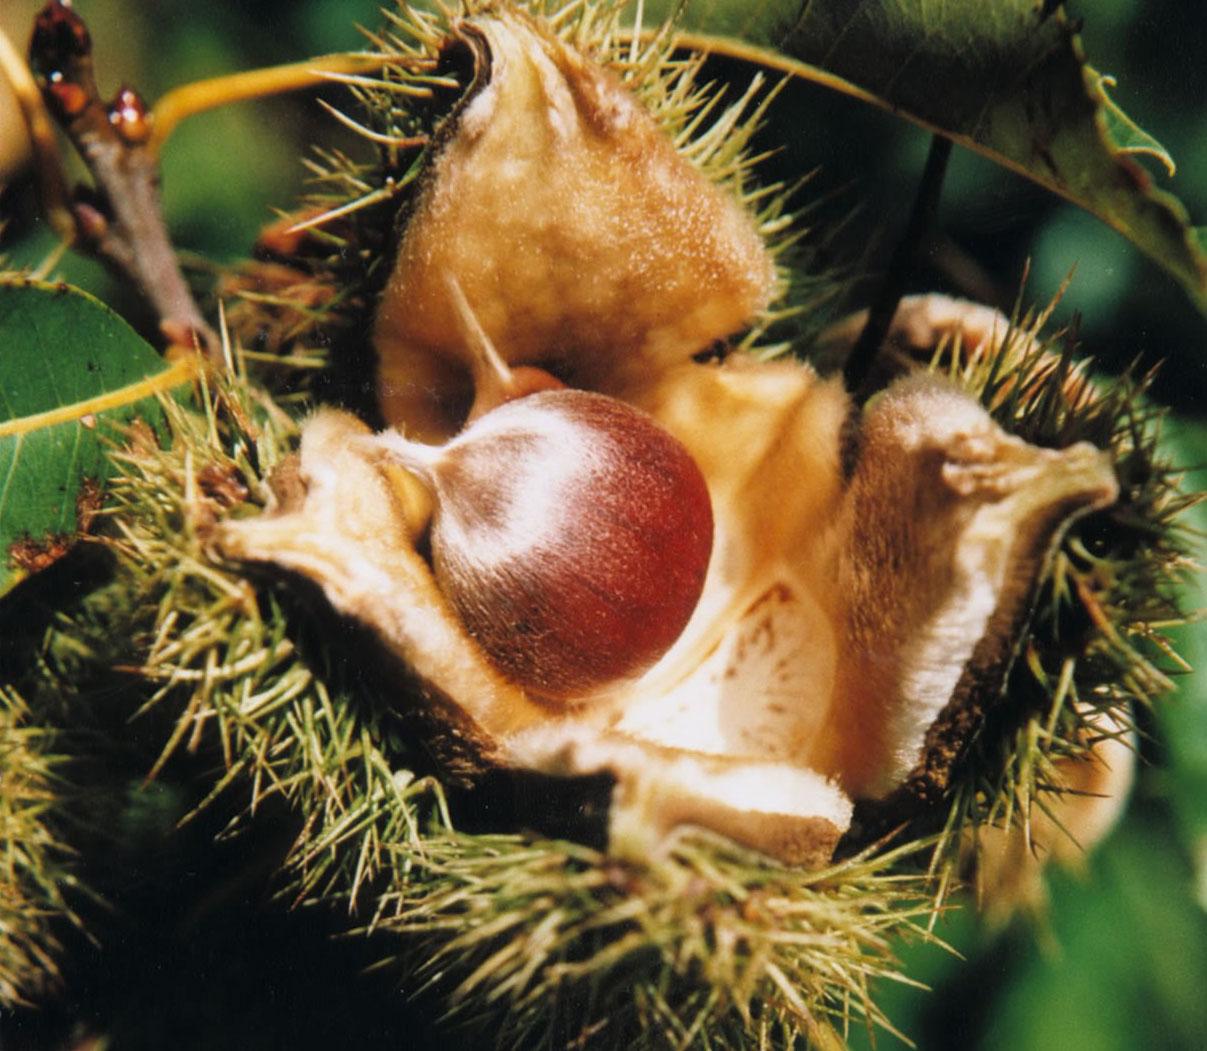 Fruit warehouse american chestnut castanea dentata for The chestnut